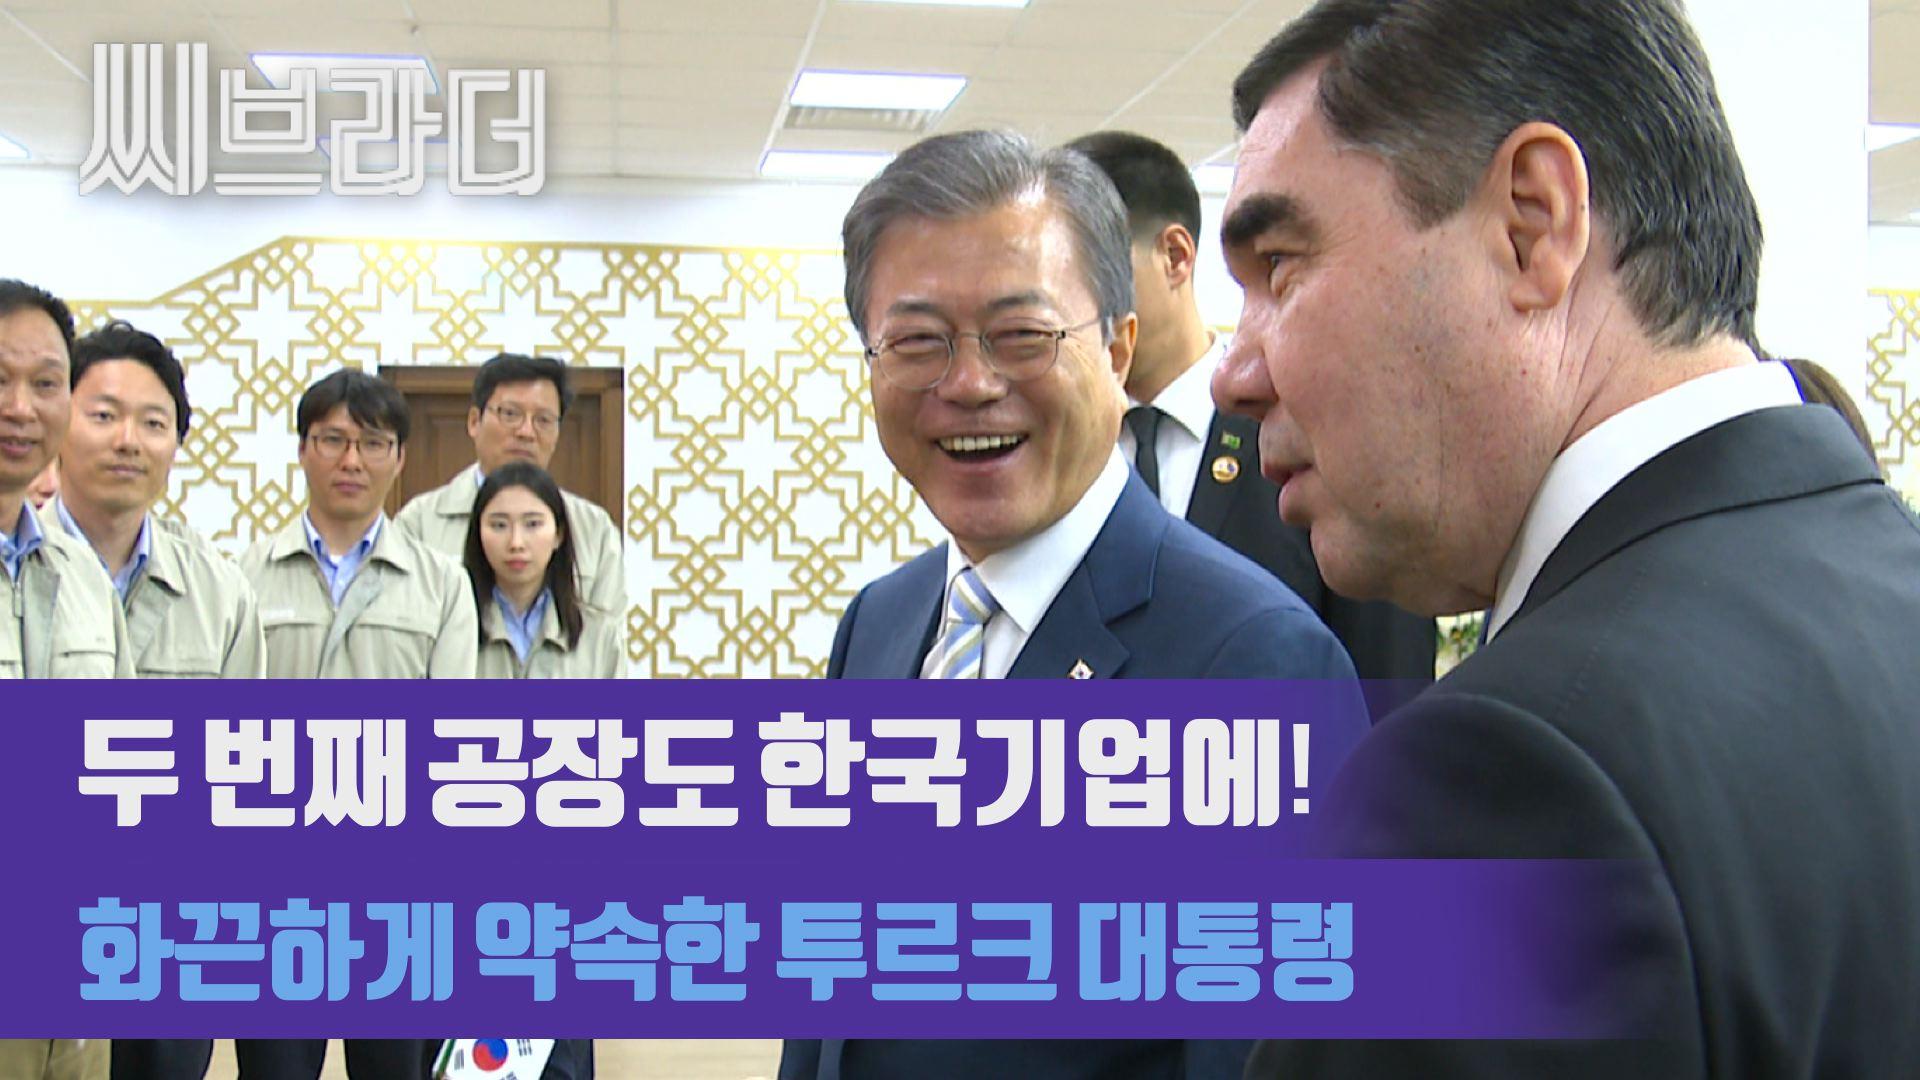 문재인대통령에'한국기업에공장또맡기겠다'약속한투르크메니스탄대통령[C..